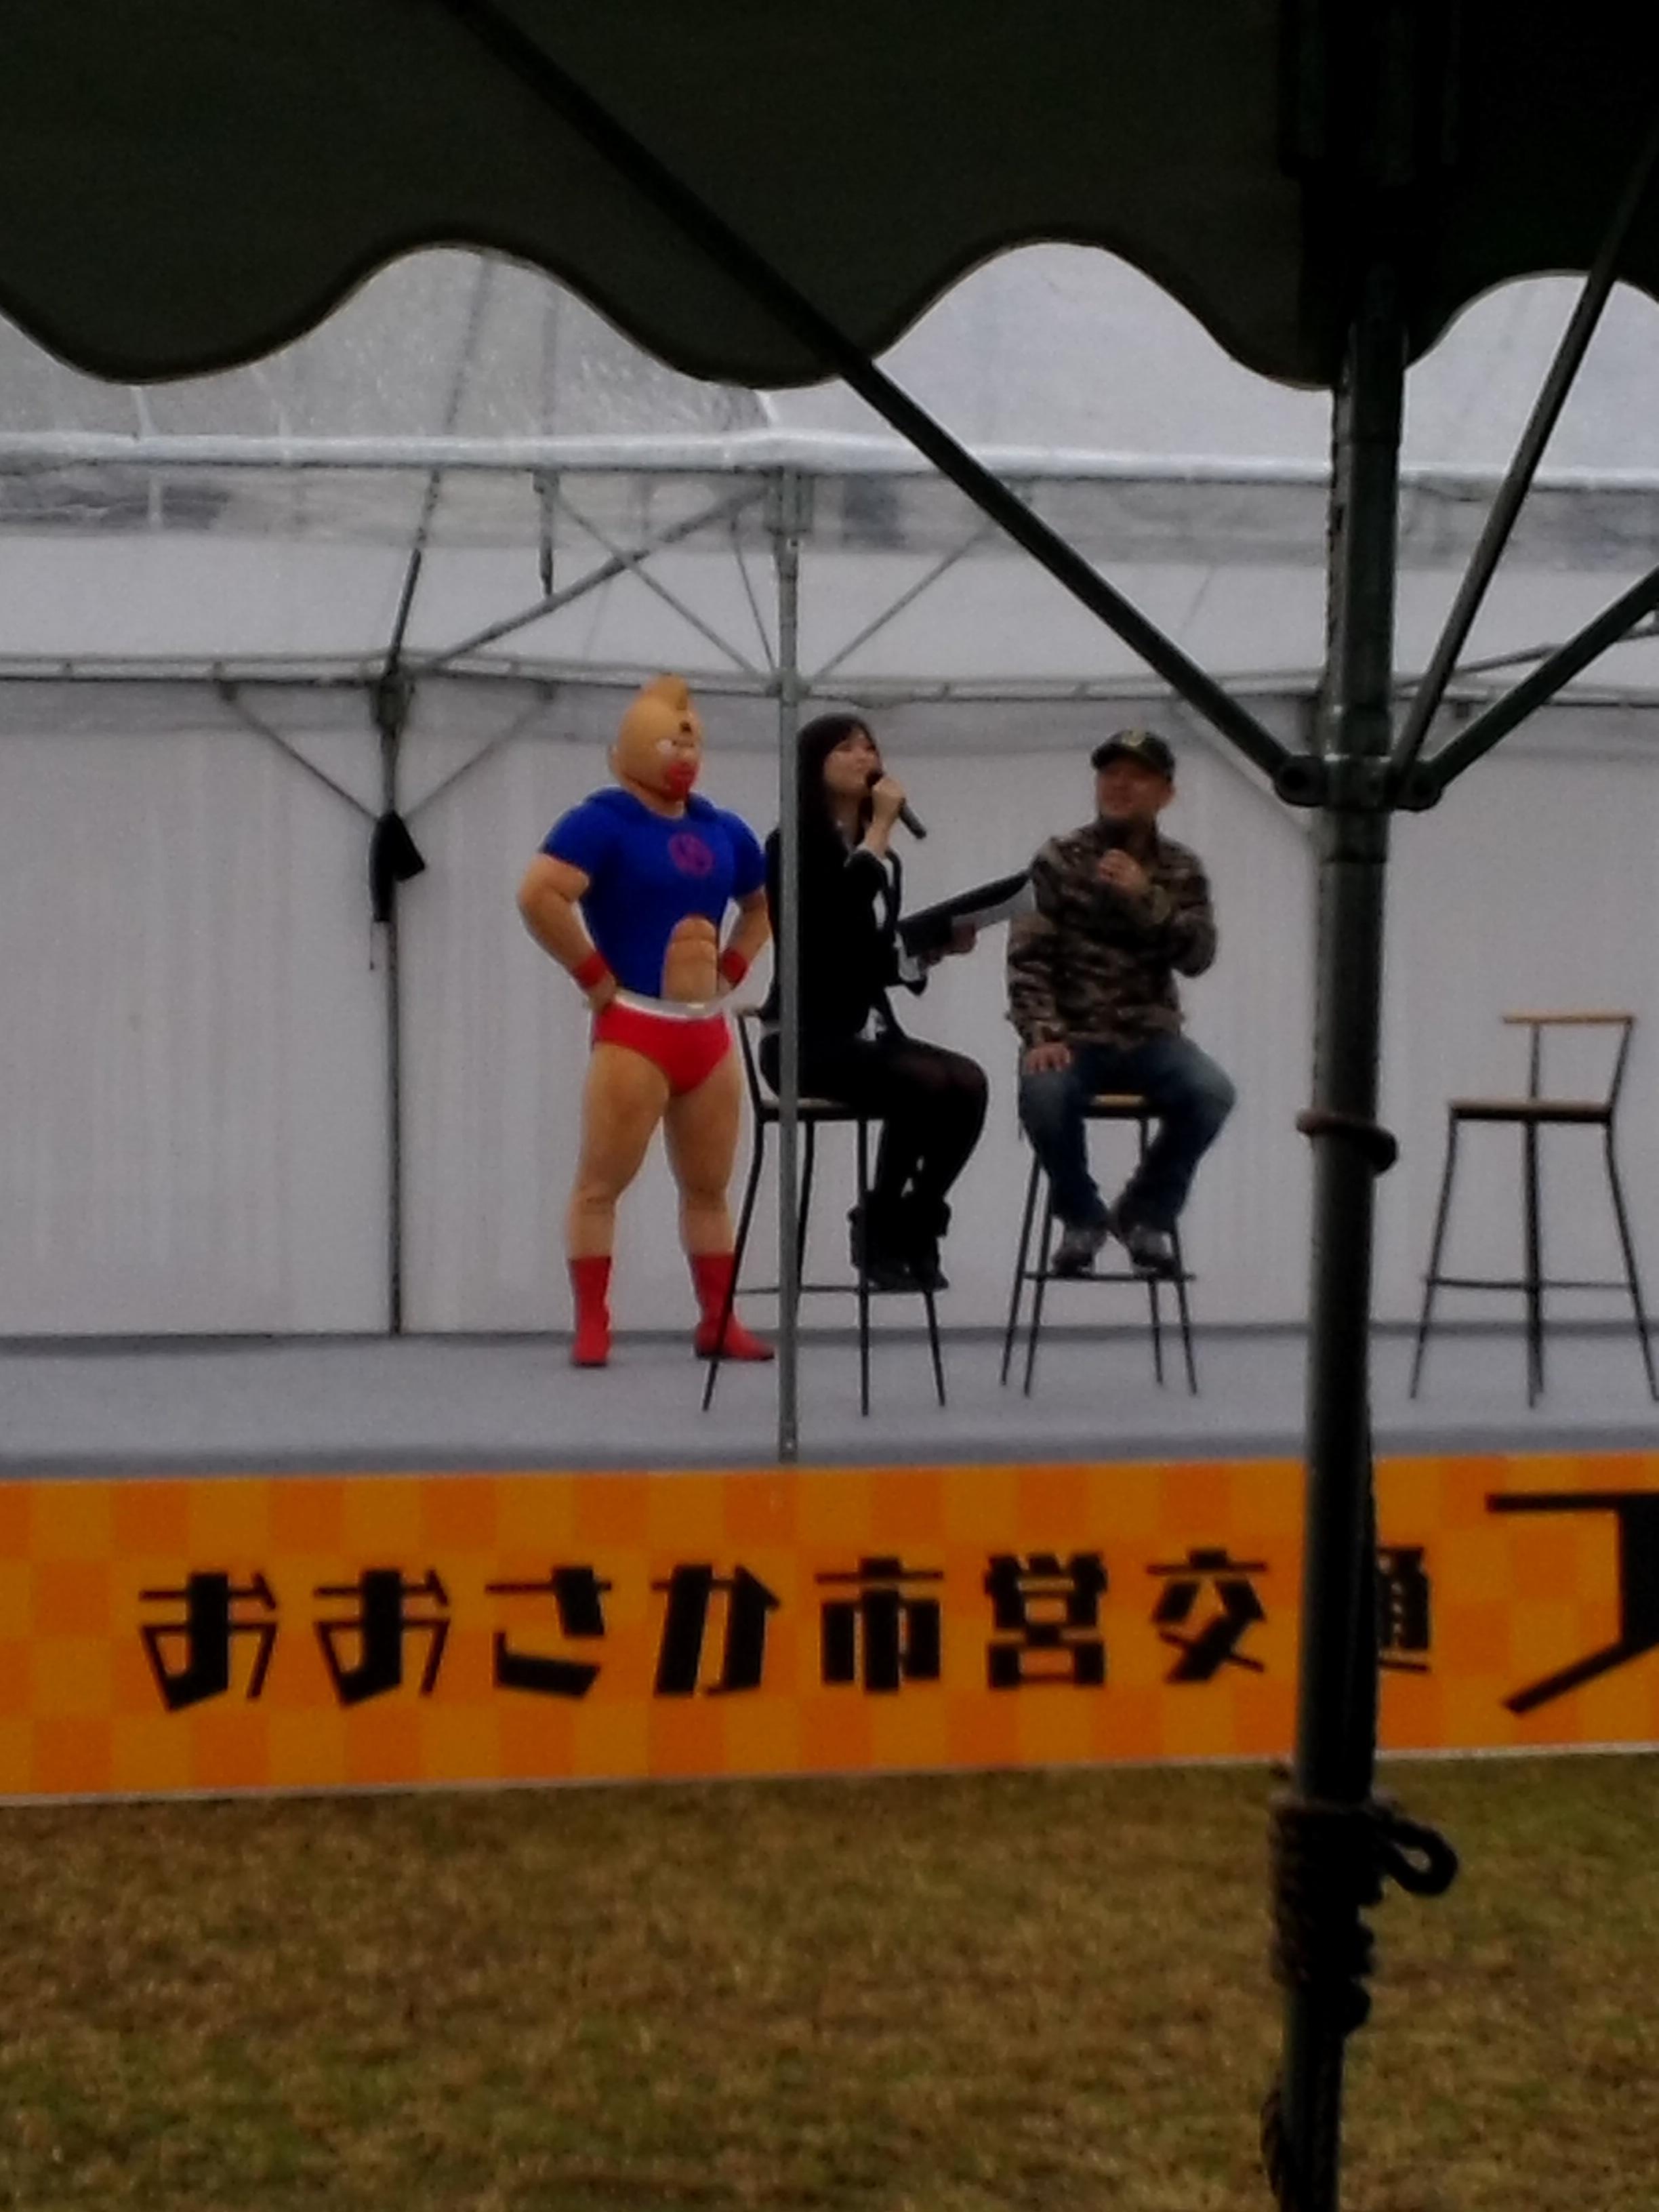 緑木操車場でゆてたまご先生のトークショーをみた